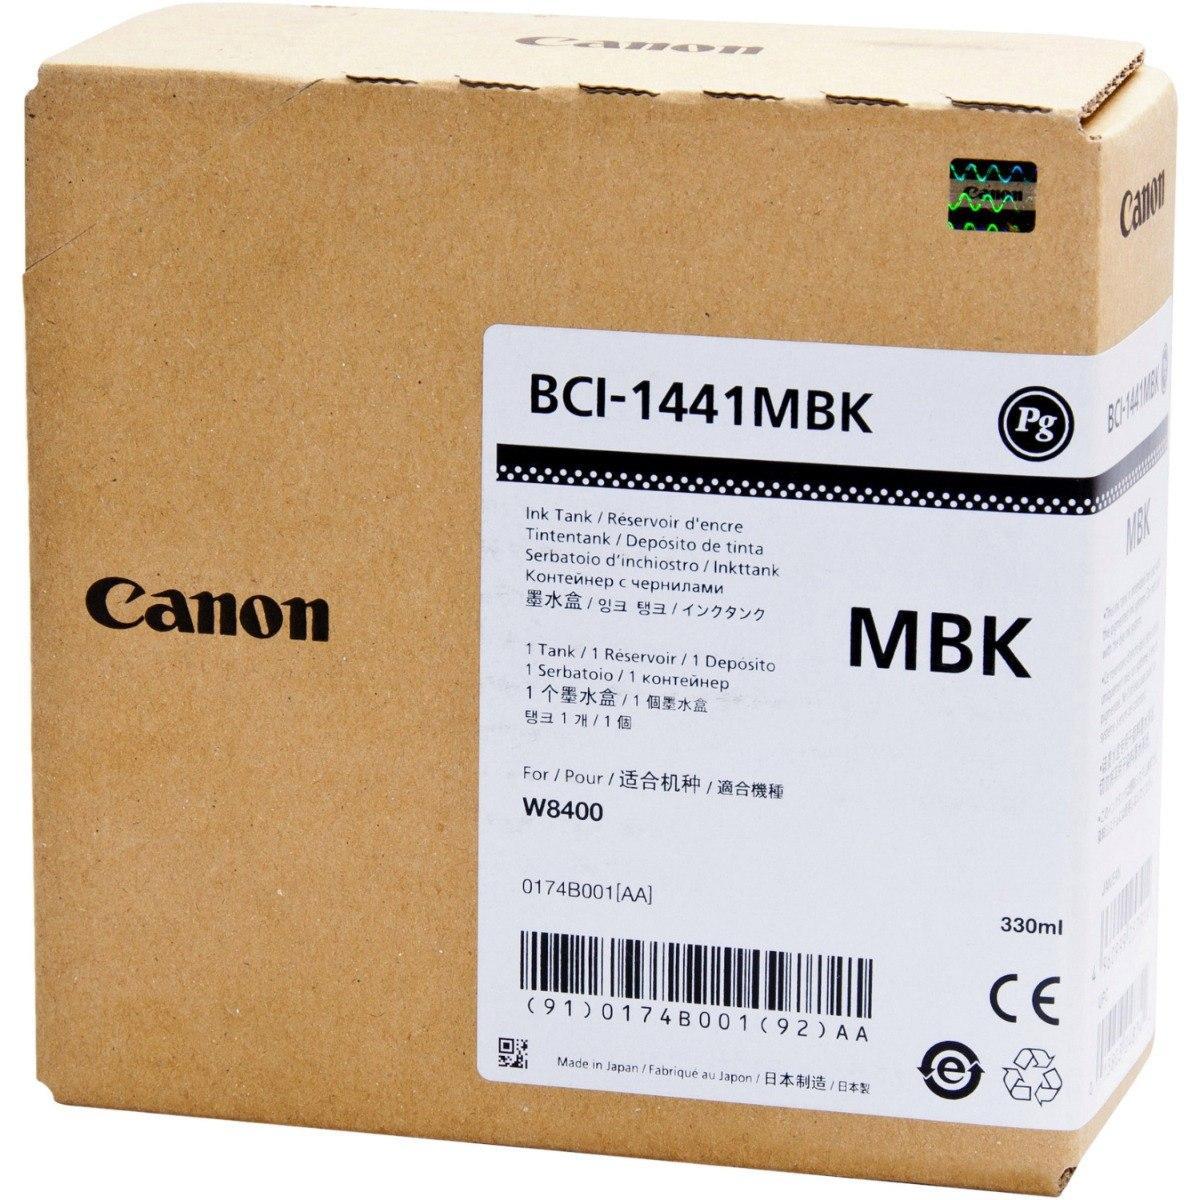 CARTUCHO DE TINTA NEGRO MATTE CANON BCI-1441MBK 330 ML